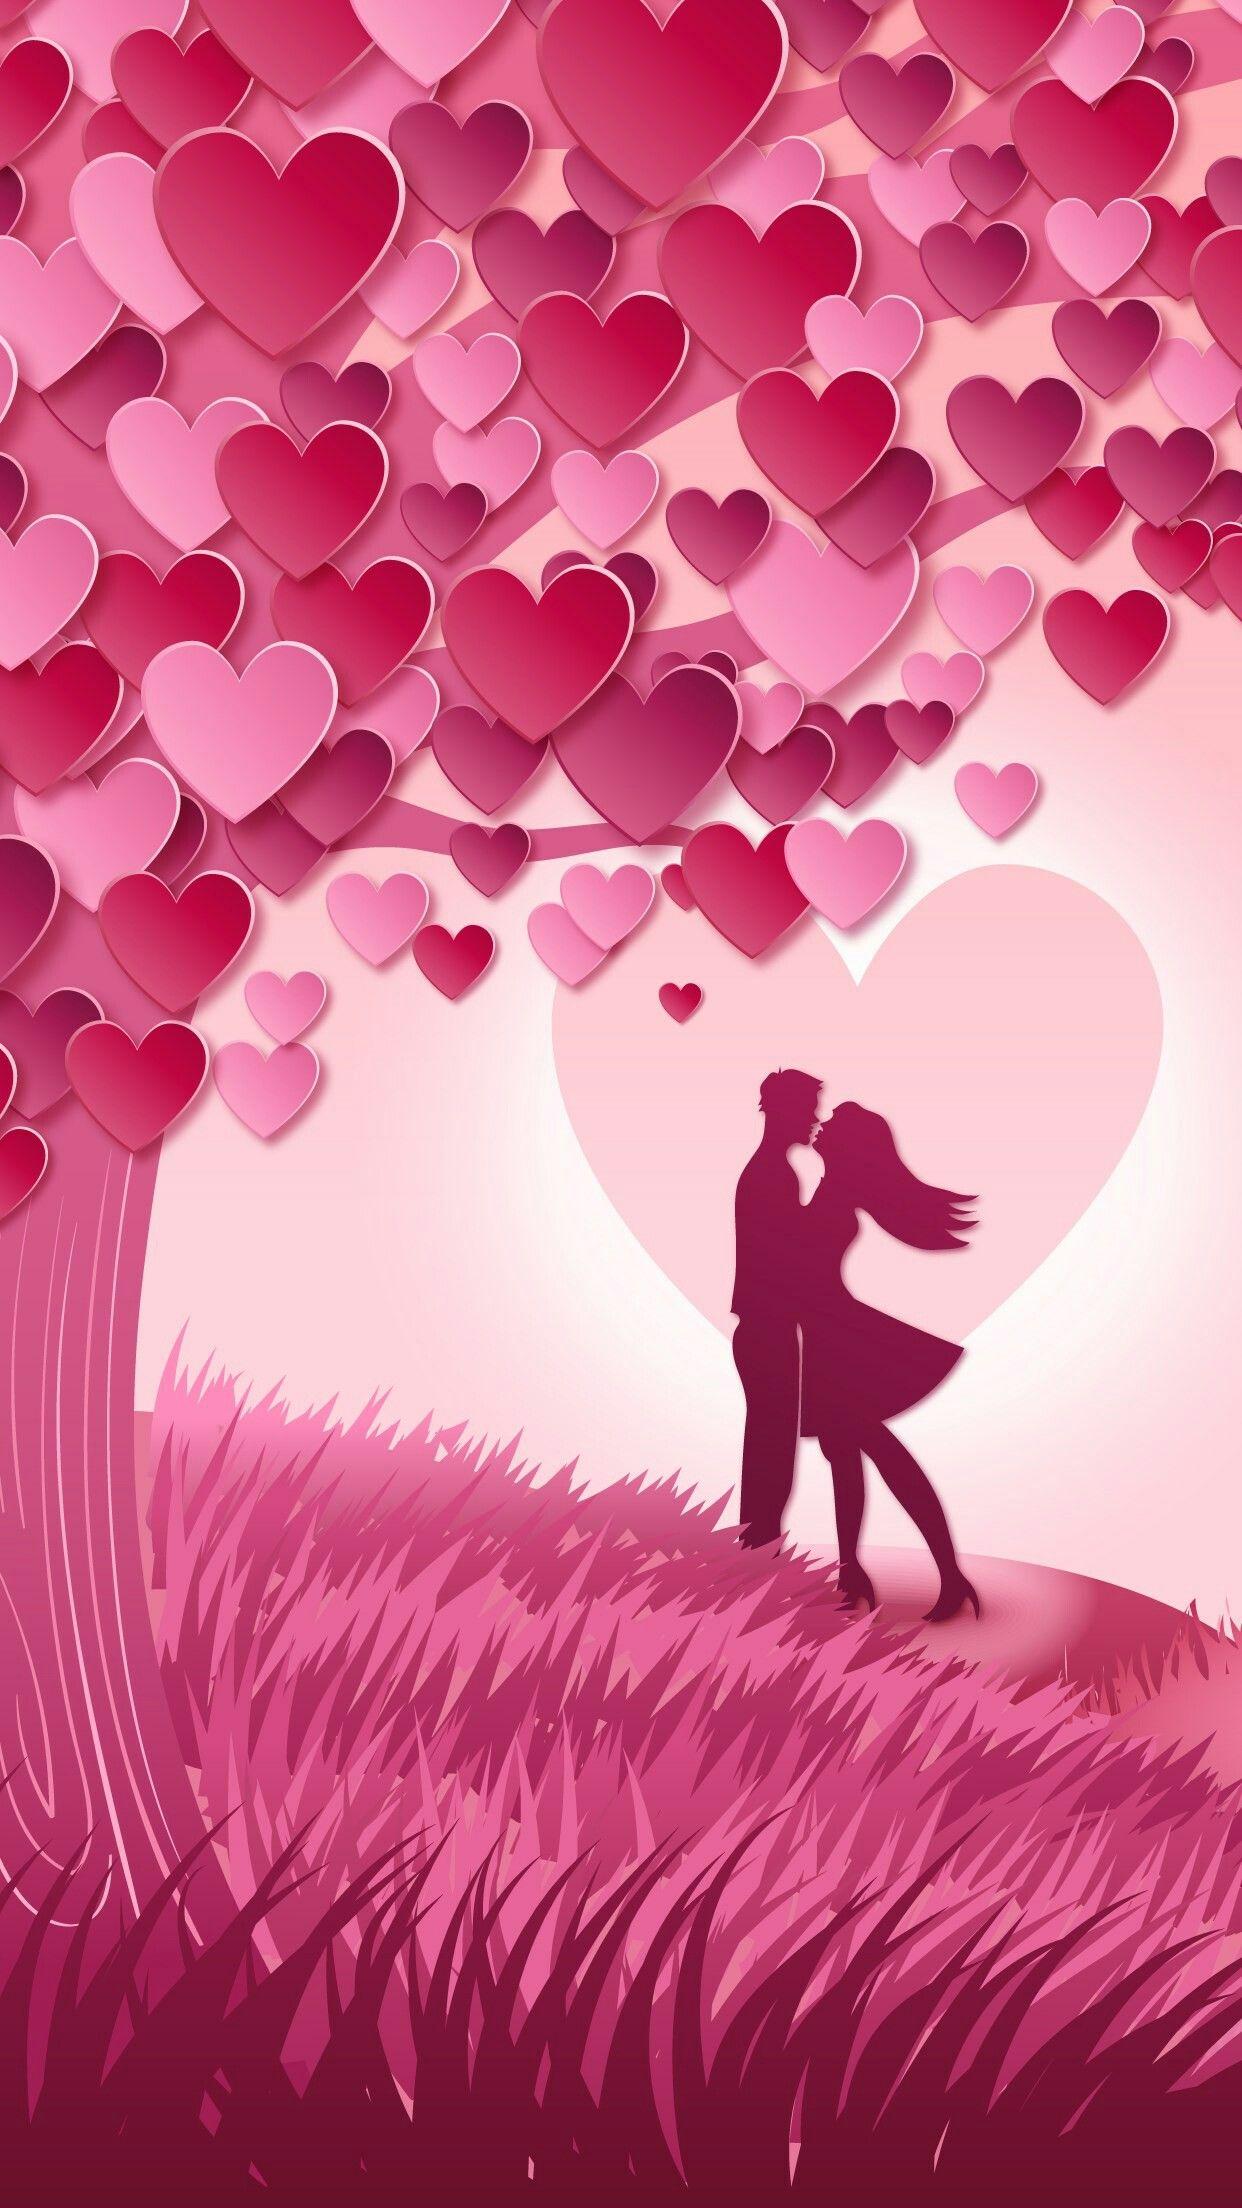 Wallpaper | heart wallpaper em 2019 | Wallpaper iphone love, Love wallpaper e Heart wallpaper